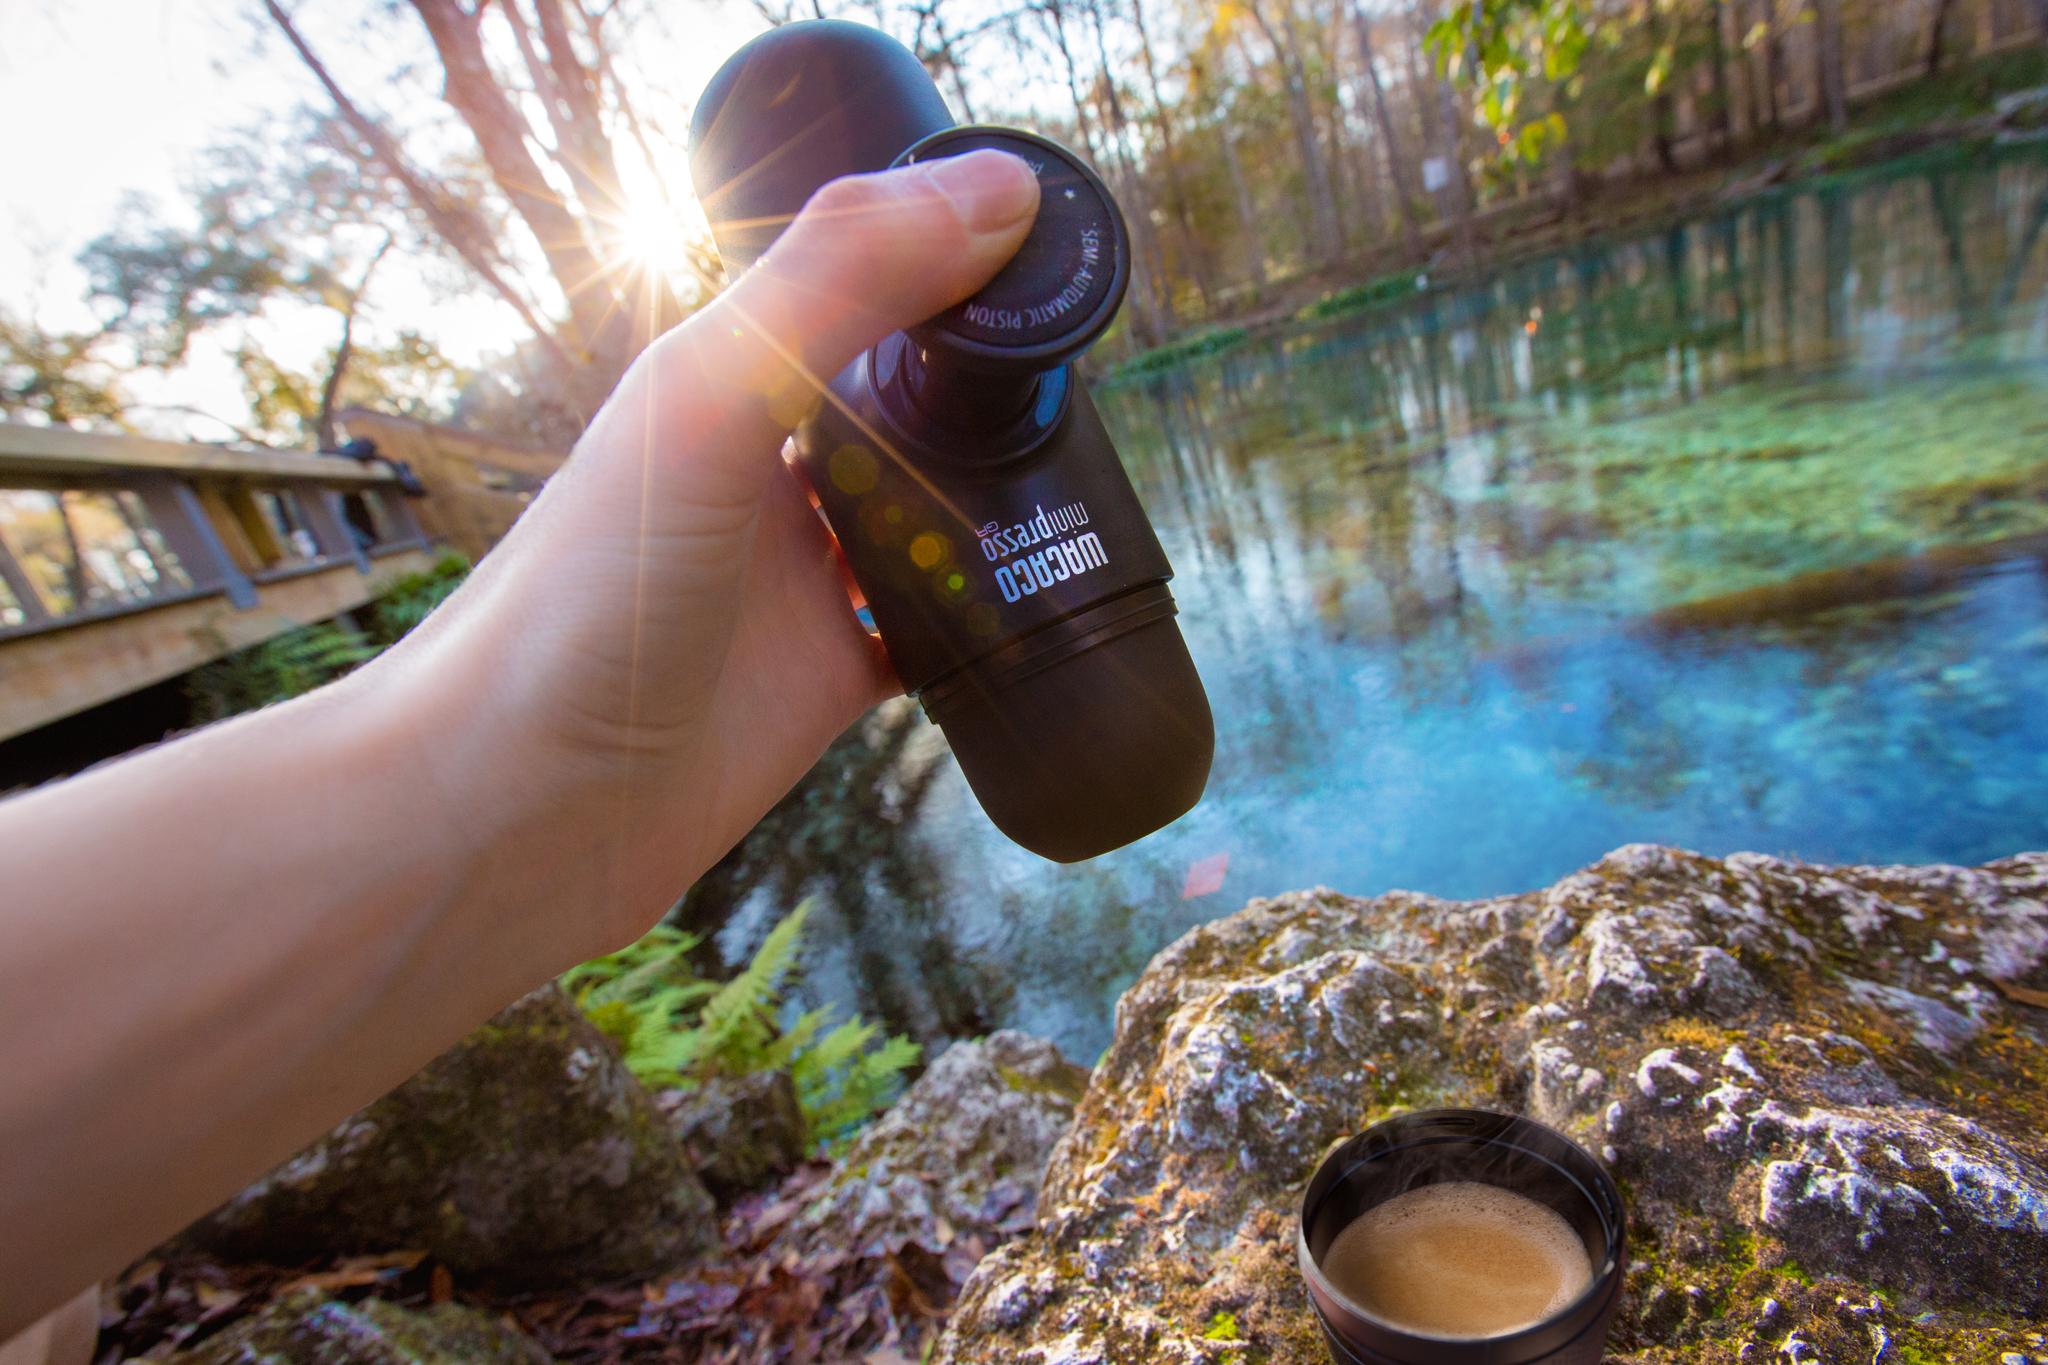 Кофемашина Wacaco Ручная мини-кофемашина Wacaco (MINIPRESSO-GR), молотый кофе, MINIPRESSO-GR, черный Wacaco